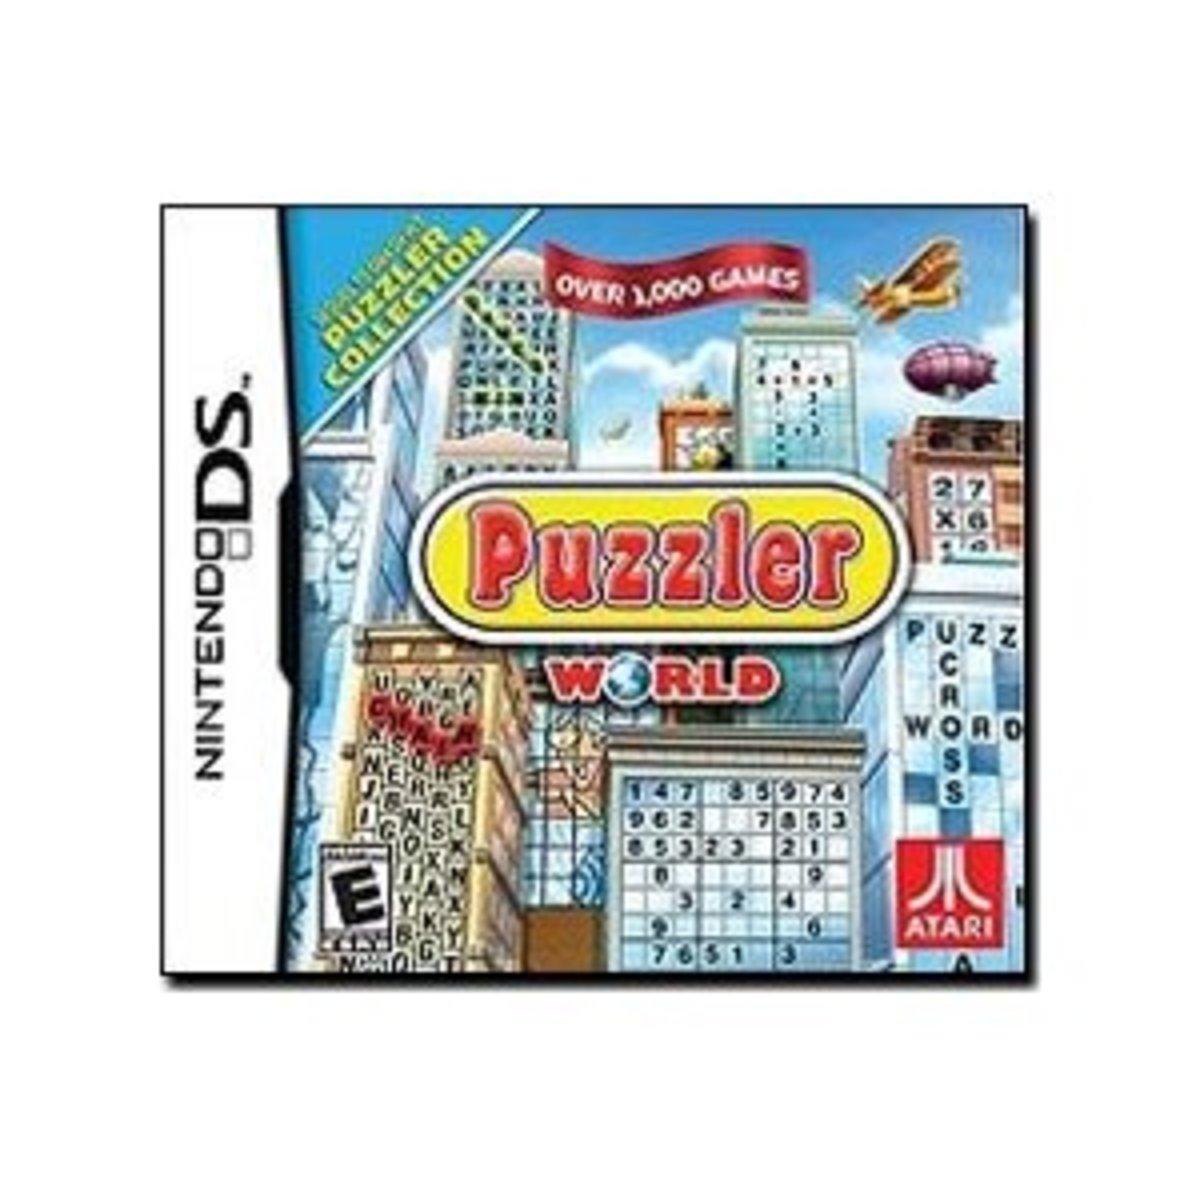 Puzzler World DSi XL Game